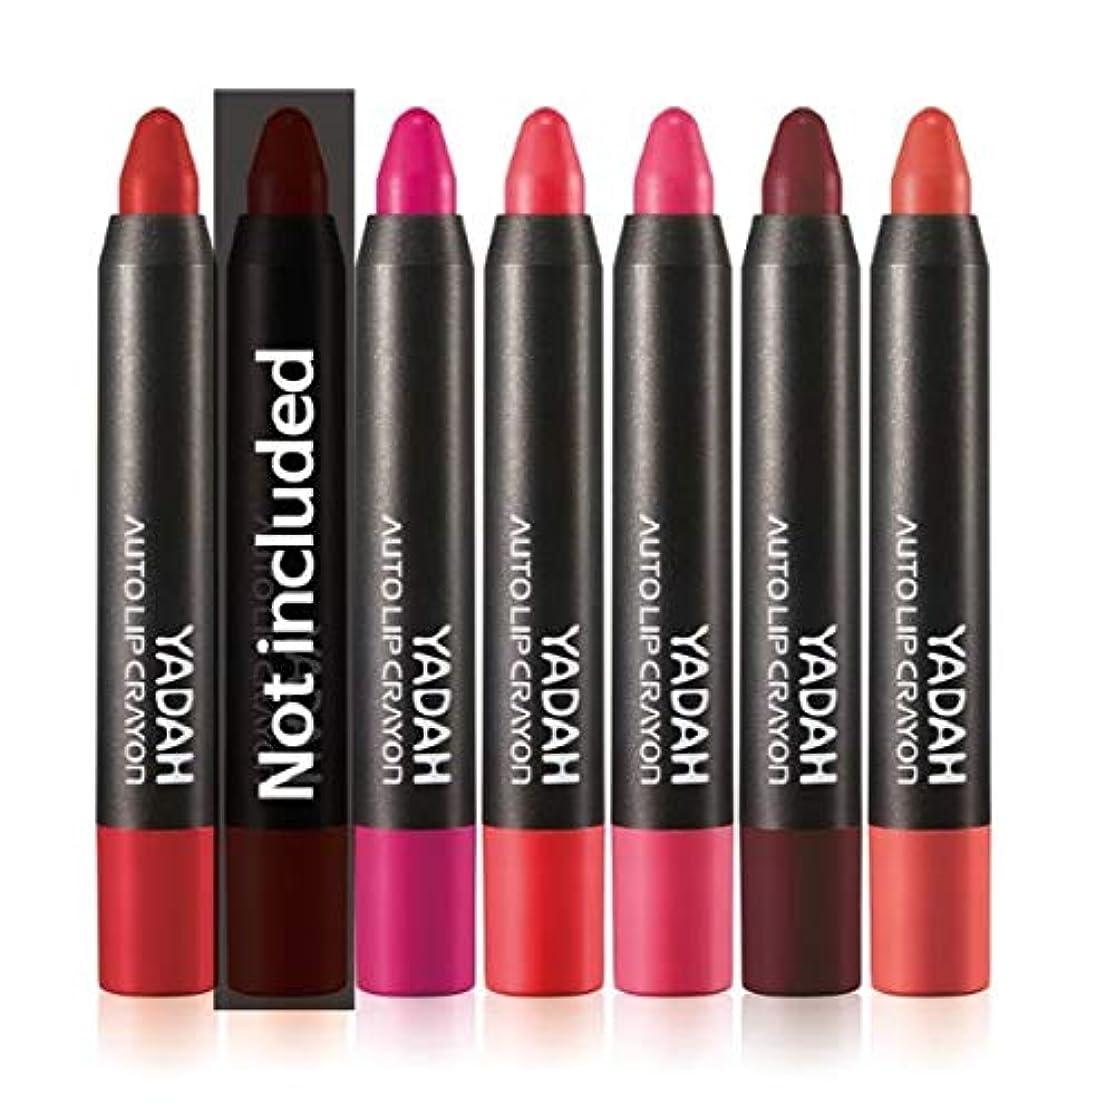 刃それから思い出すYADAH Auto Lip Crayon #04 Rose Coral 2.5gオートリップクレヨン - 2.5g[並行輸入品]